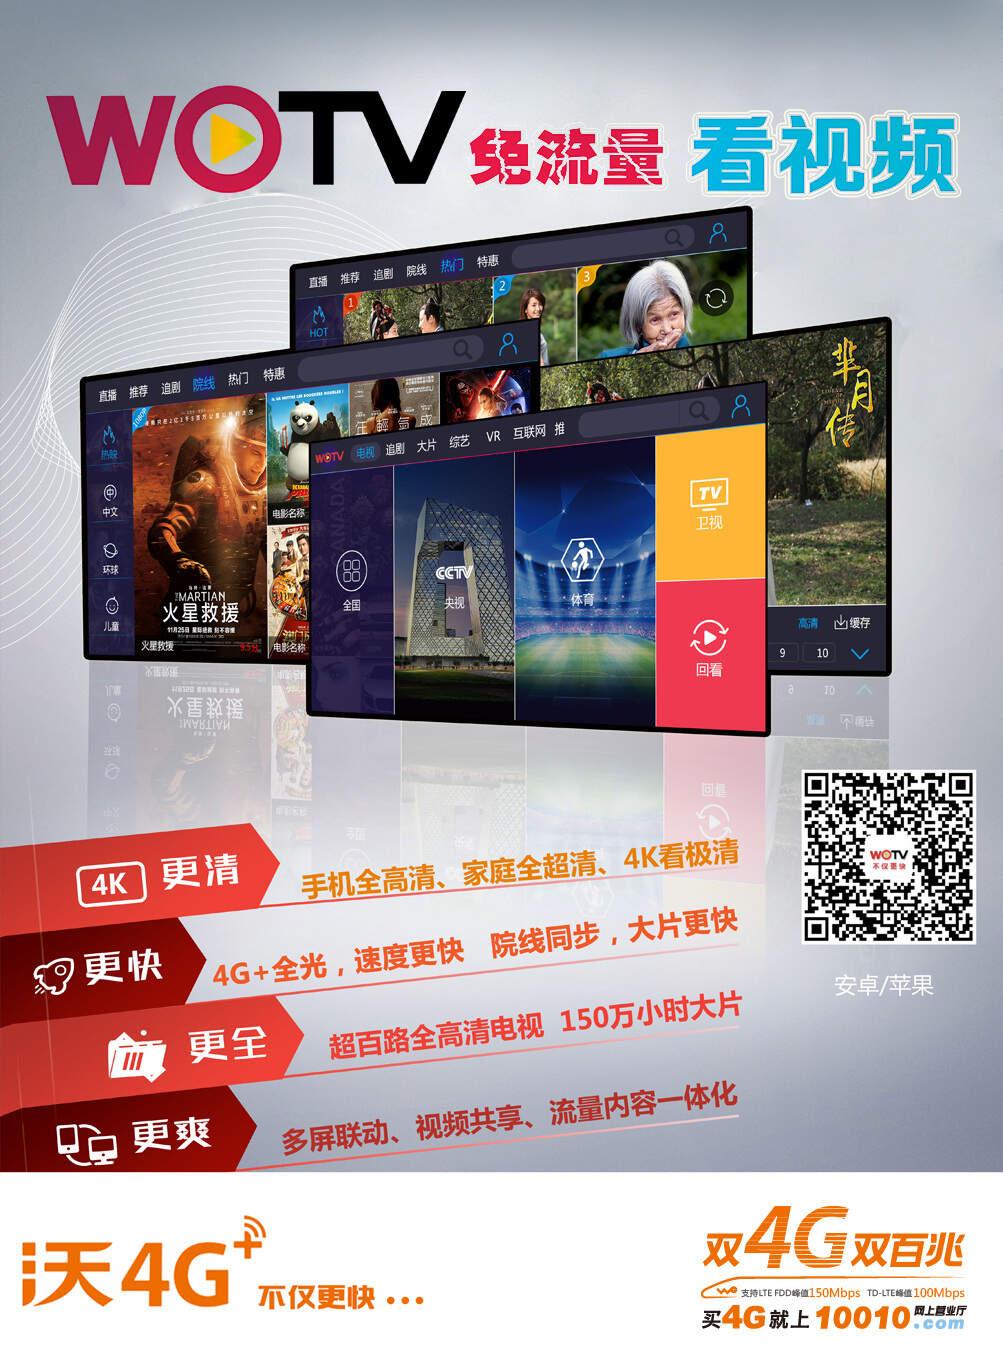 天津聯通IPTV網絡電視收視報告,點播不丟失OTT,基本覆蓋BAT